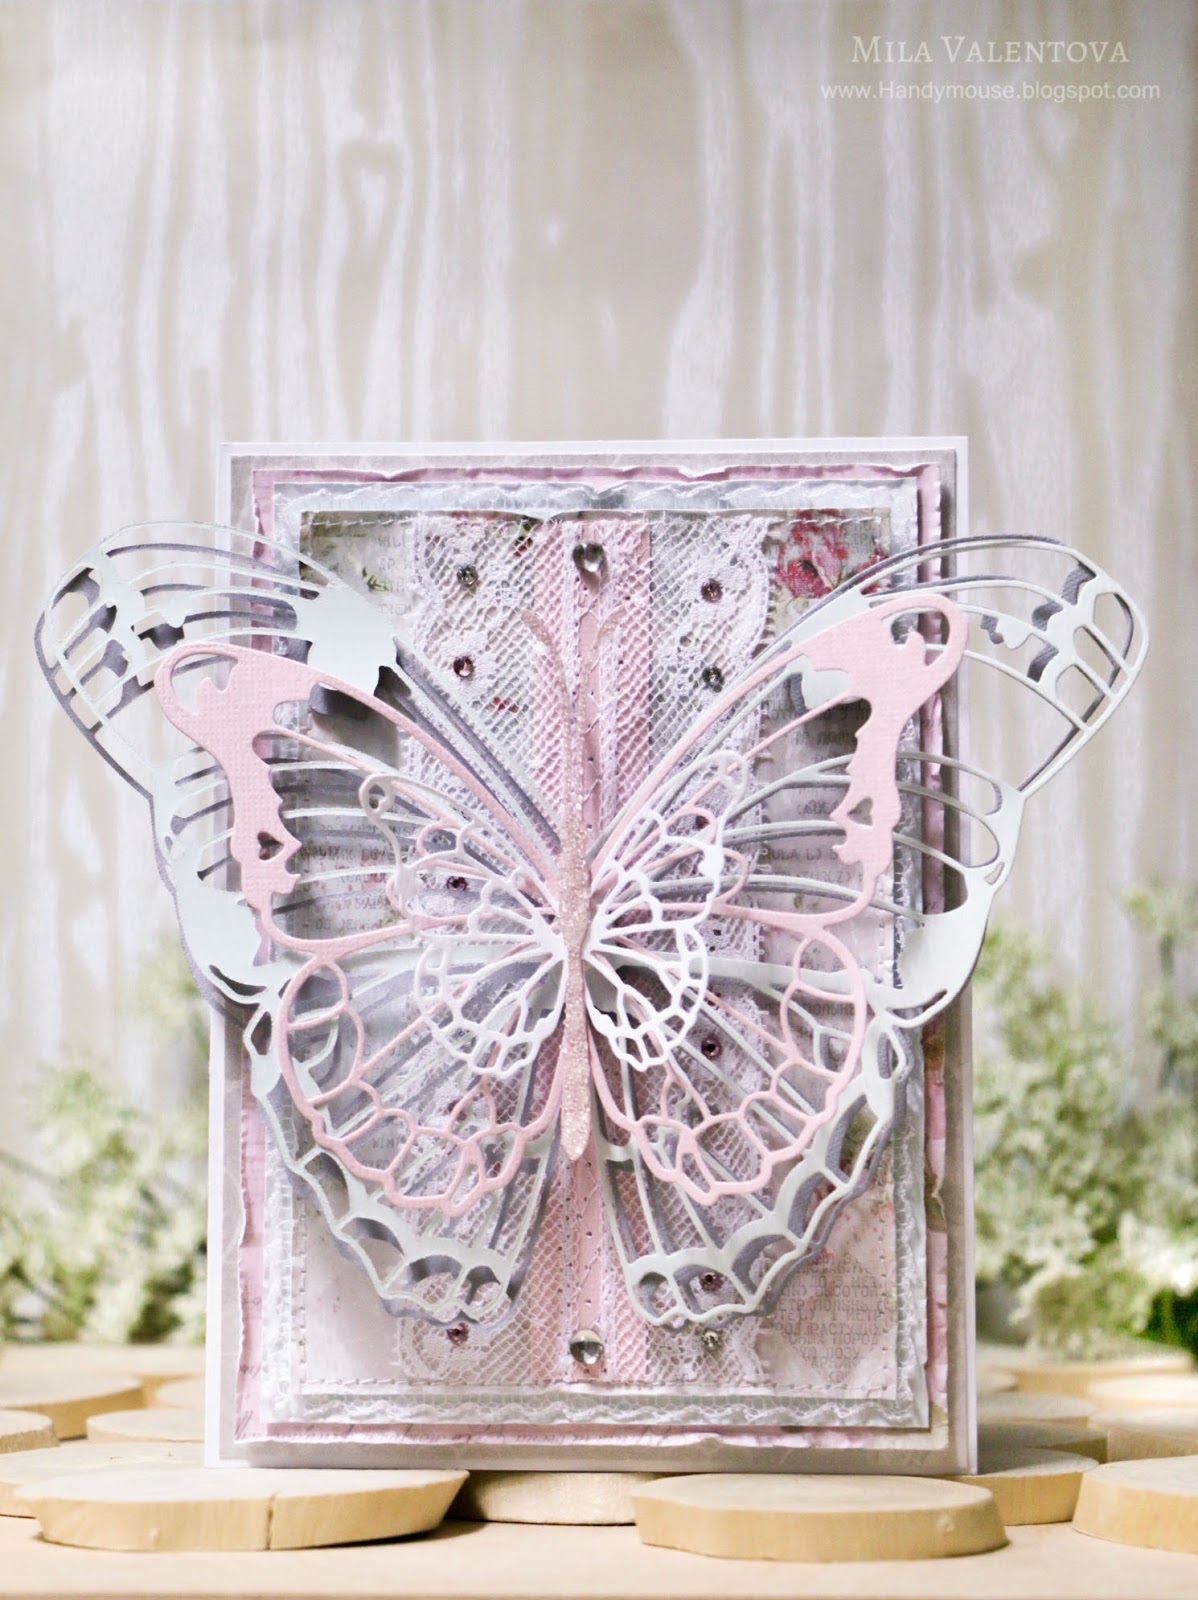 Скрапбукинг открытка. Невесомая бабочка. Подарок на День матери. Мила Валентова.